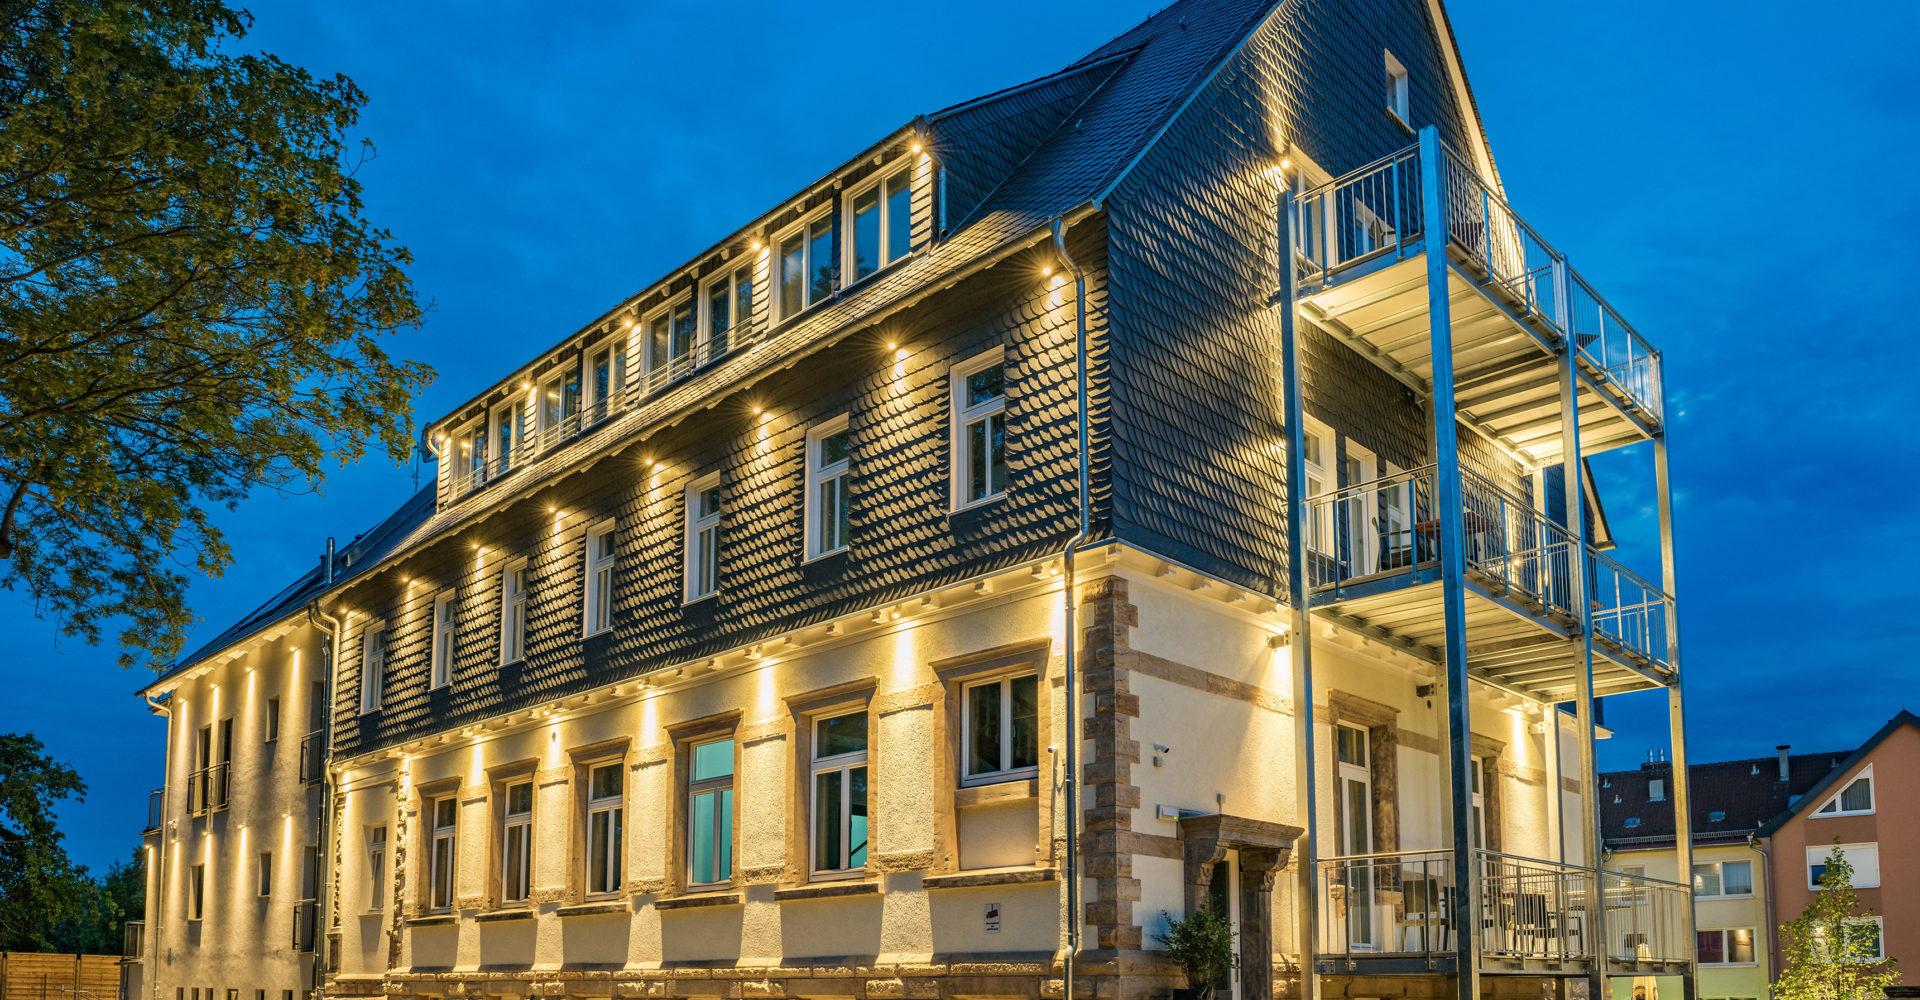 Akzent hotel villa saxer ihr 4 sterne design hotel in goslar for Design budget hotel salinenparc 0 sterne